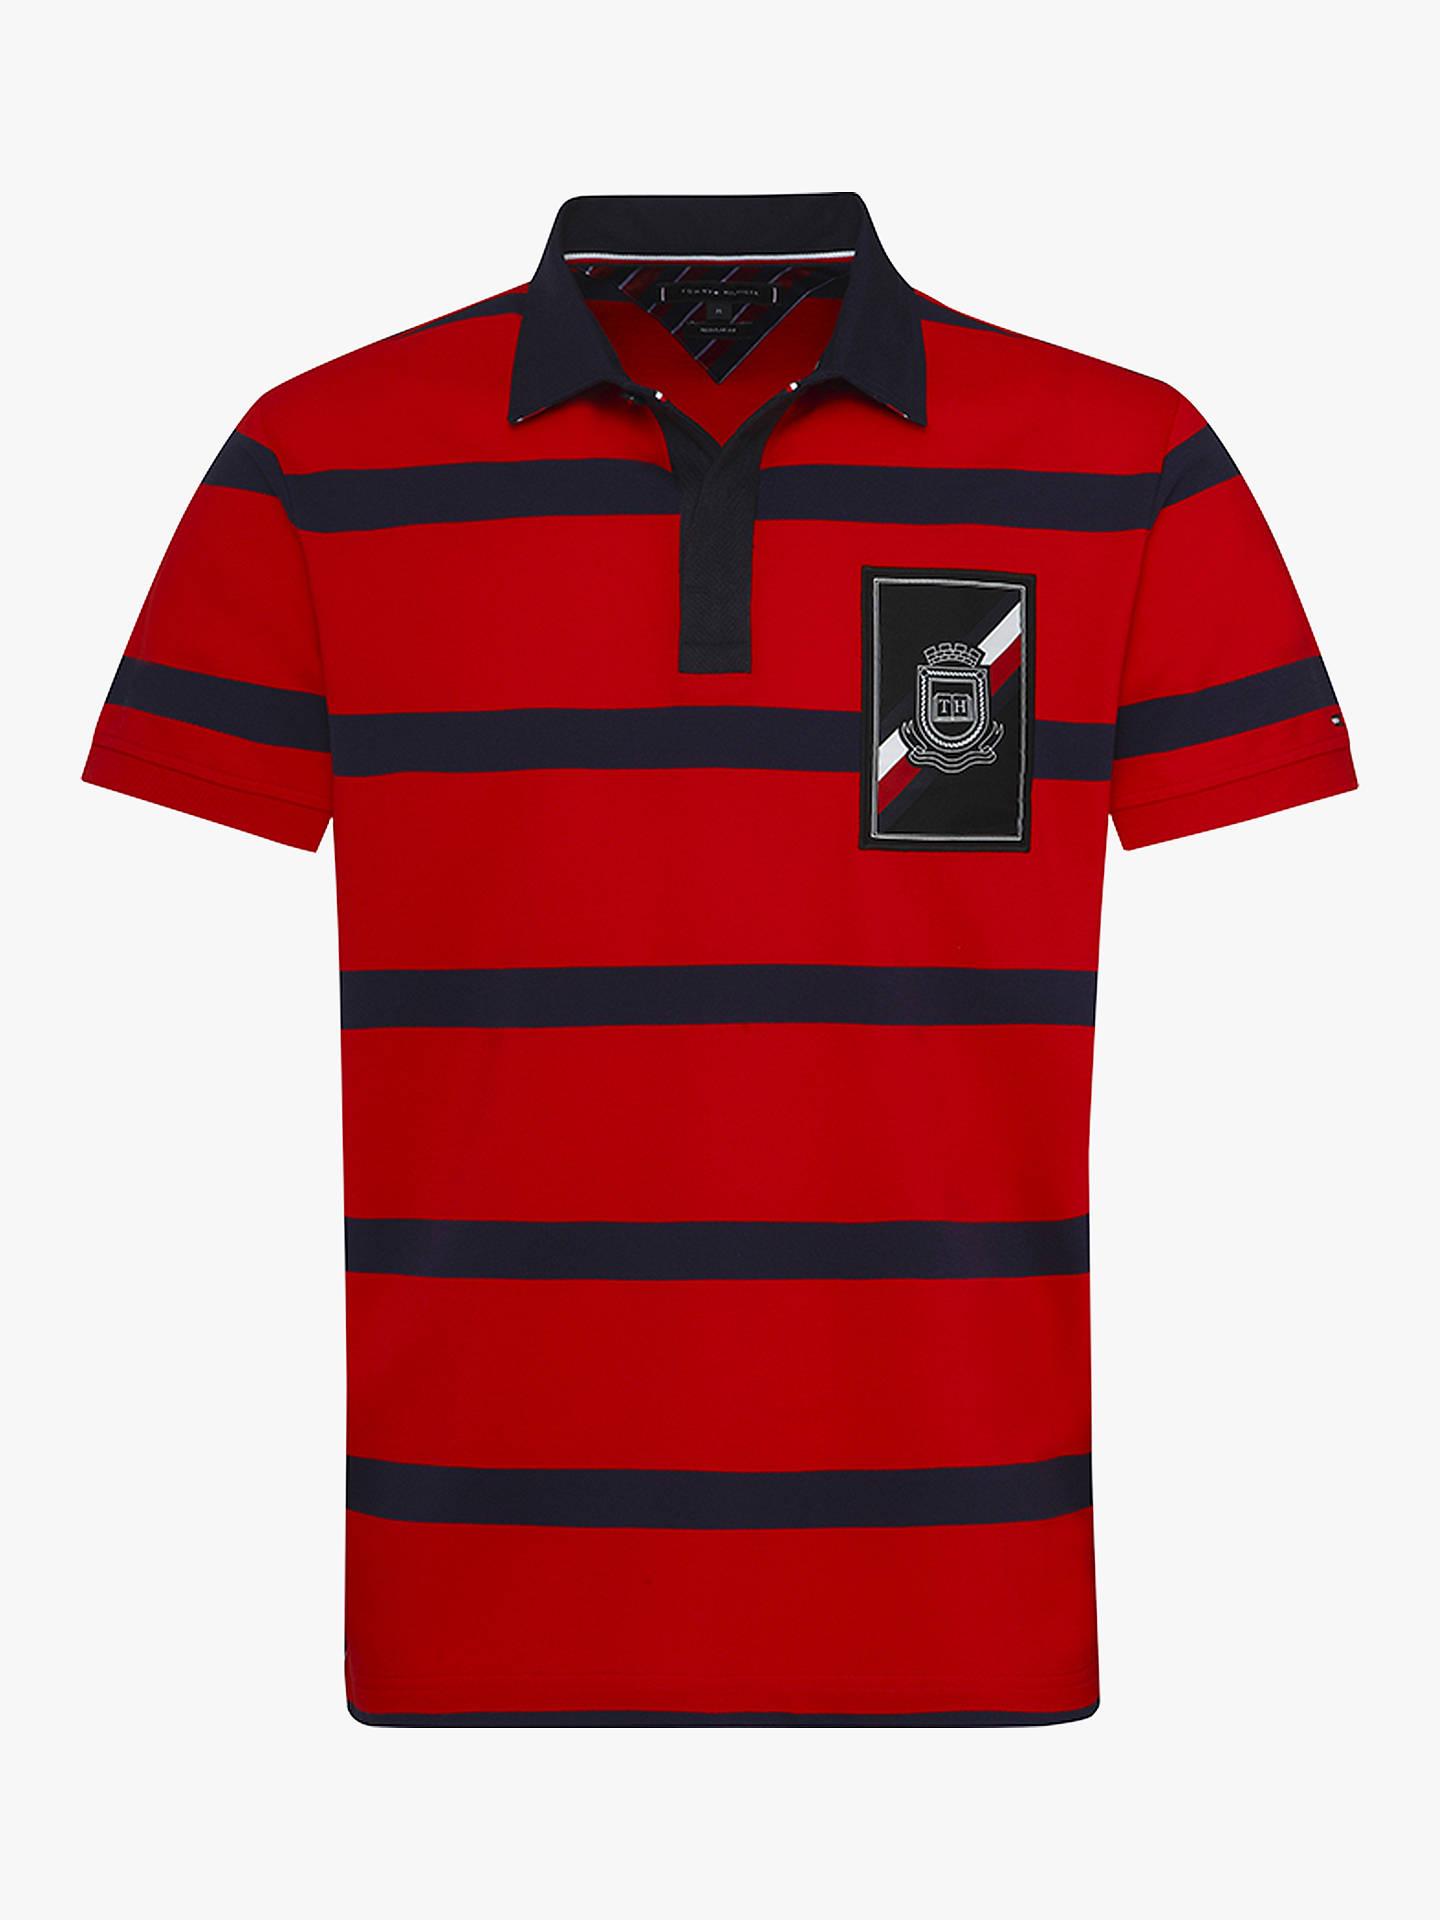 0dbdde7b9 Buy Tommy Hilfiger Stripe Polo Shirt, Red, L Online at johnlewis.com ...